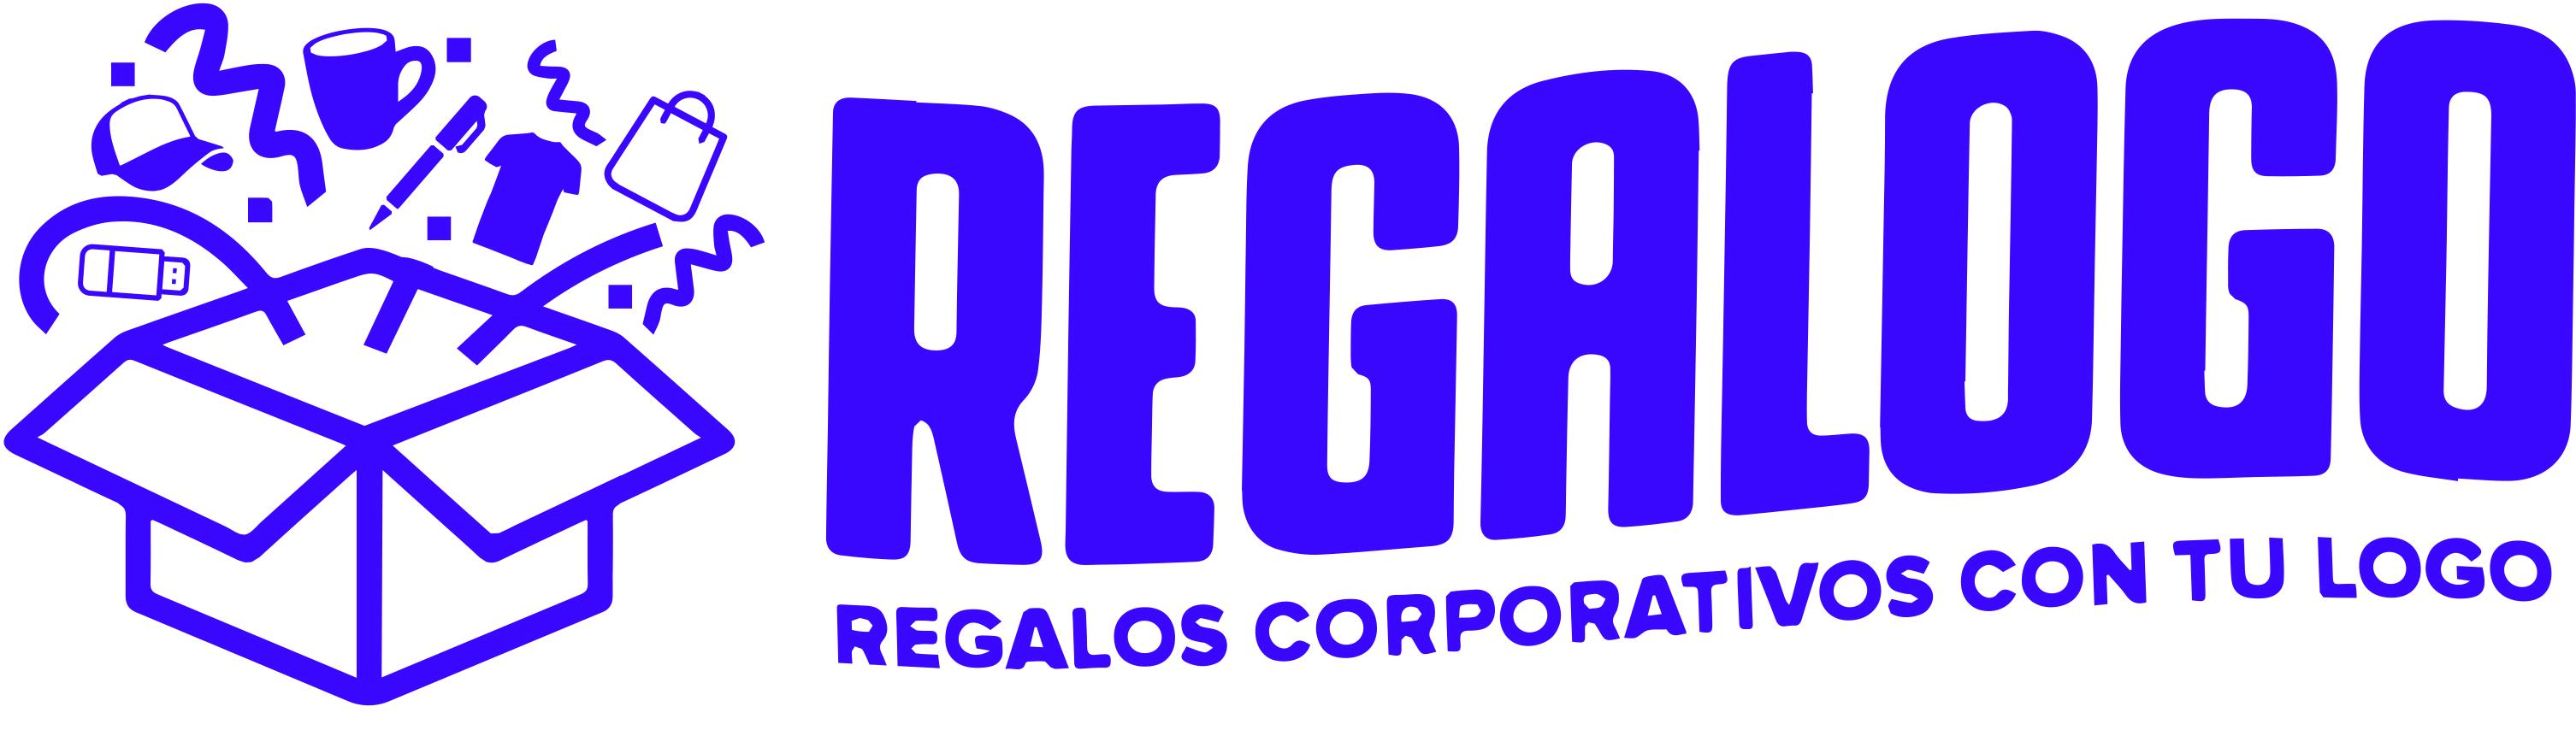 Regalogo